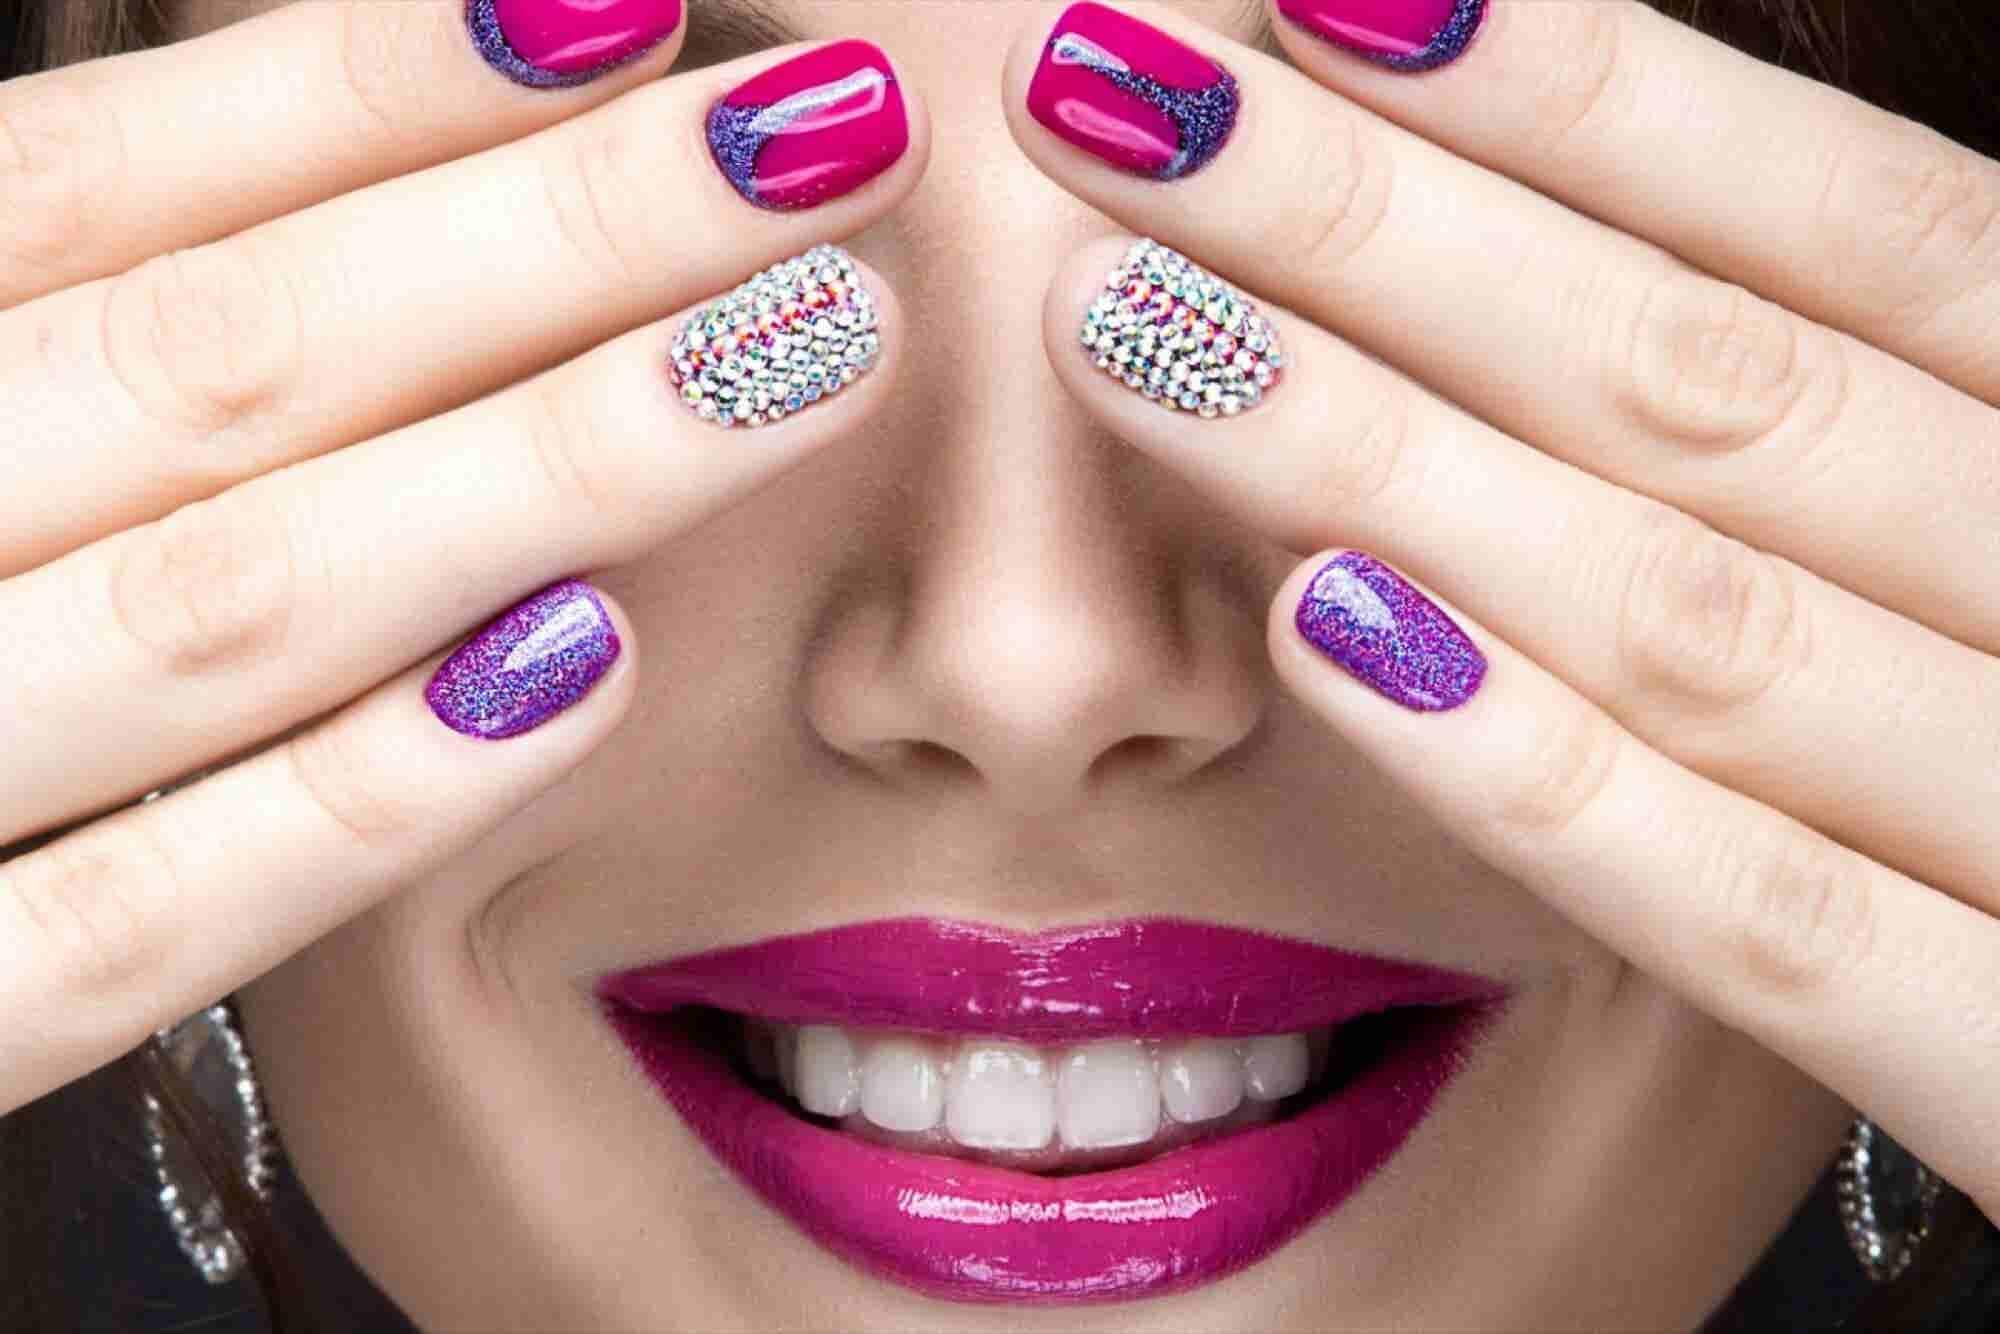 ¿Un negocio de belleza diferente? ¡Sí, con stickers para uñas!